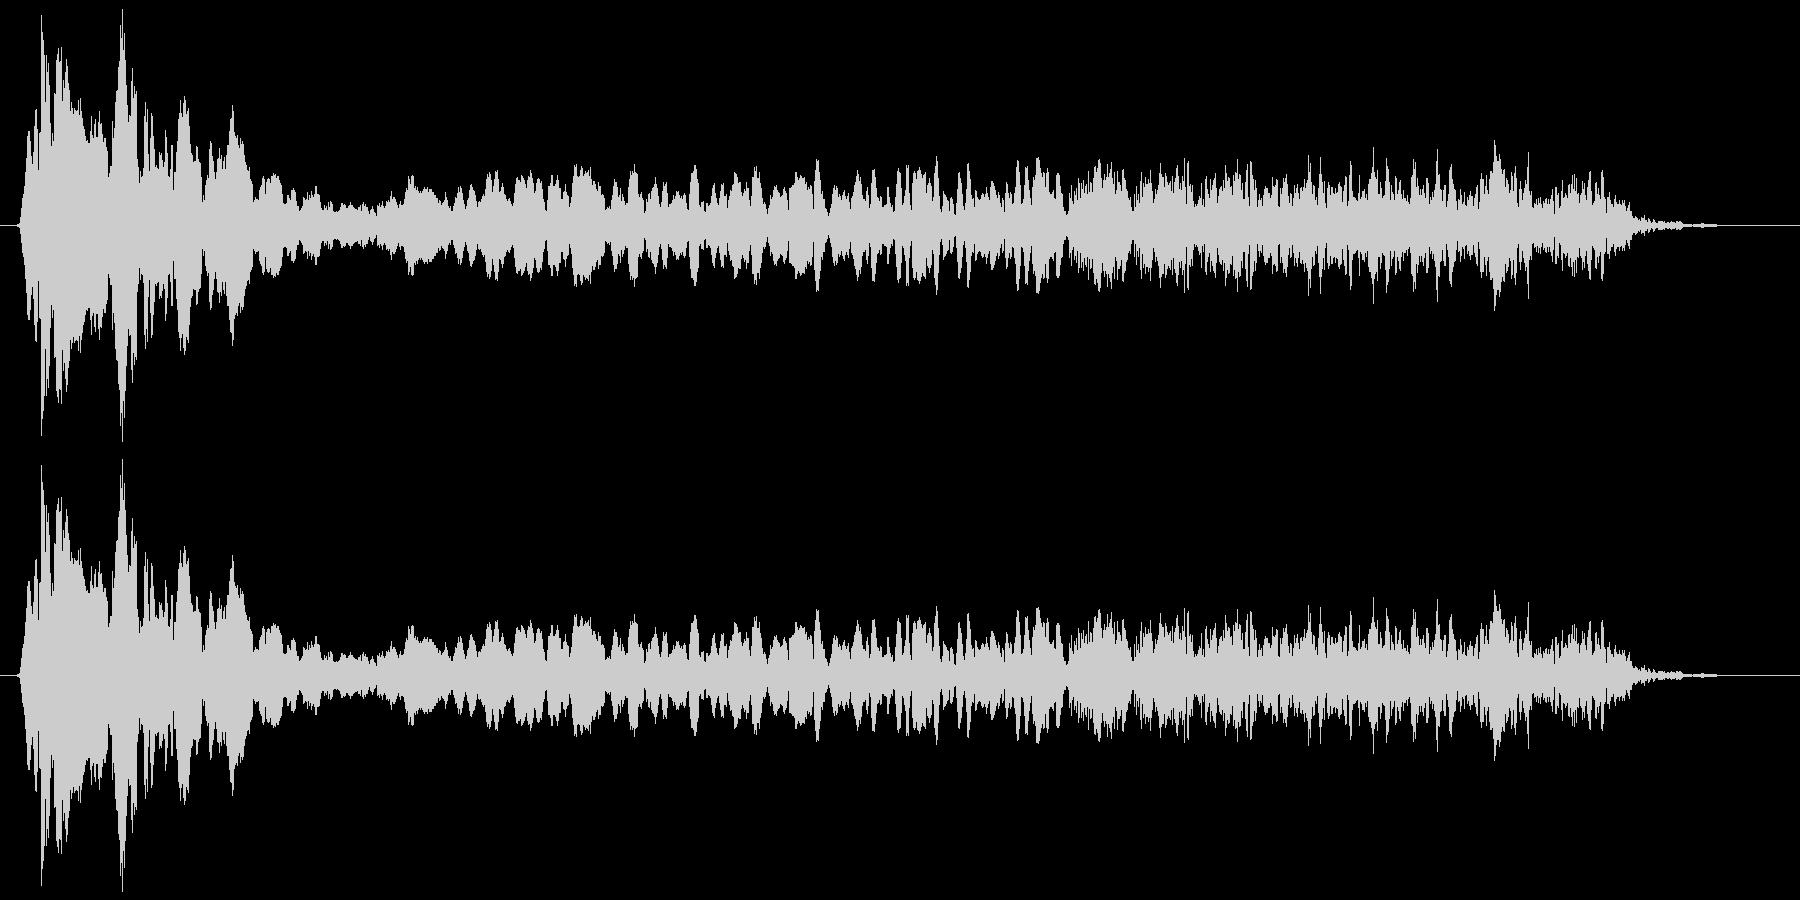 トンビ(トビ、鳶) ピーヒョロロロ 長めの未再生の波形